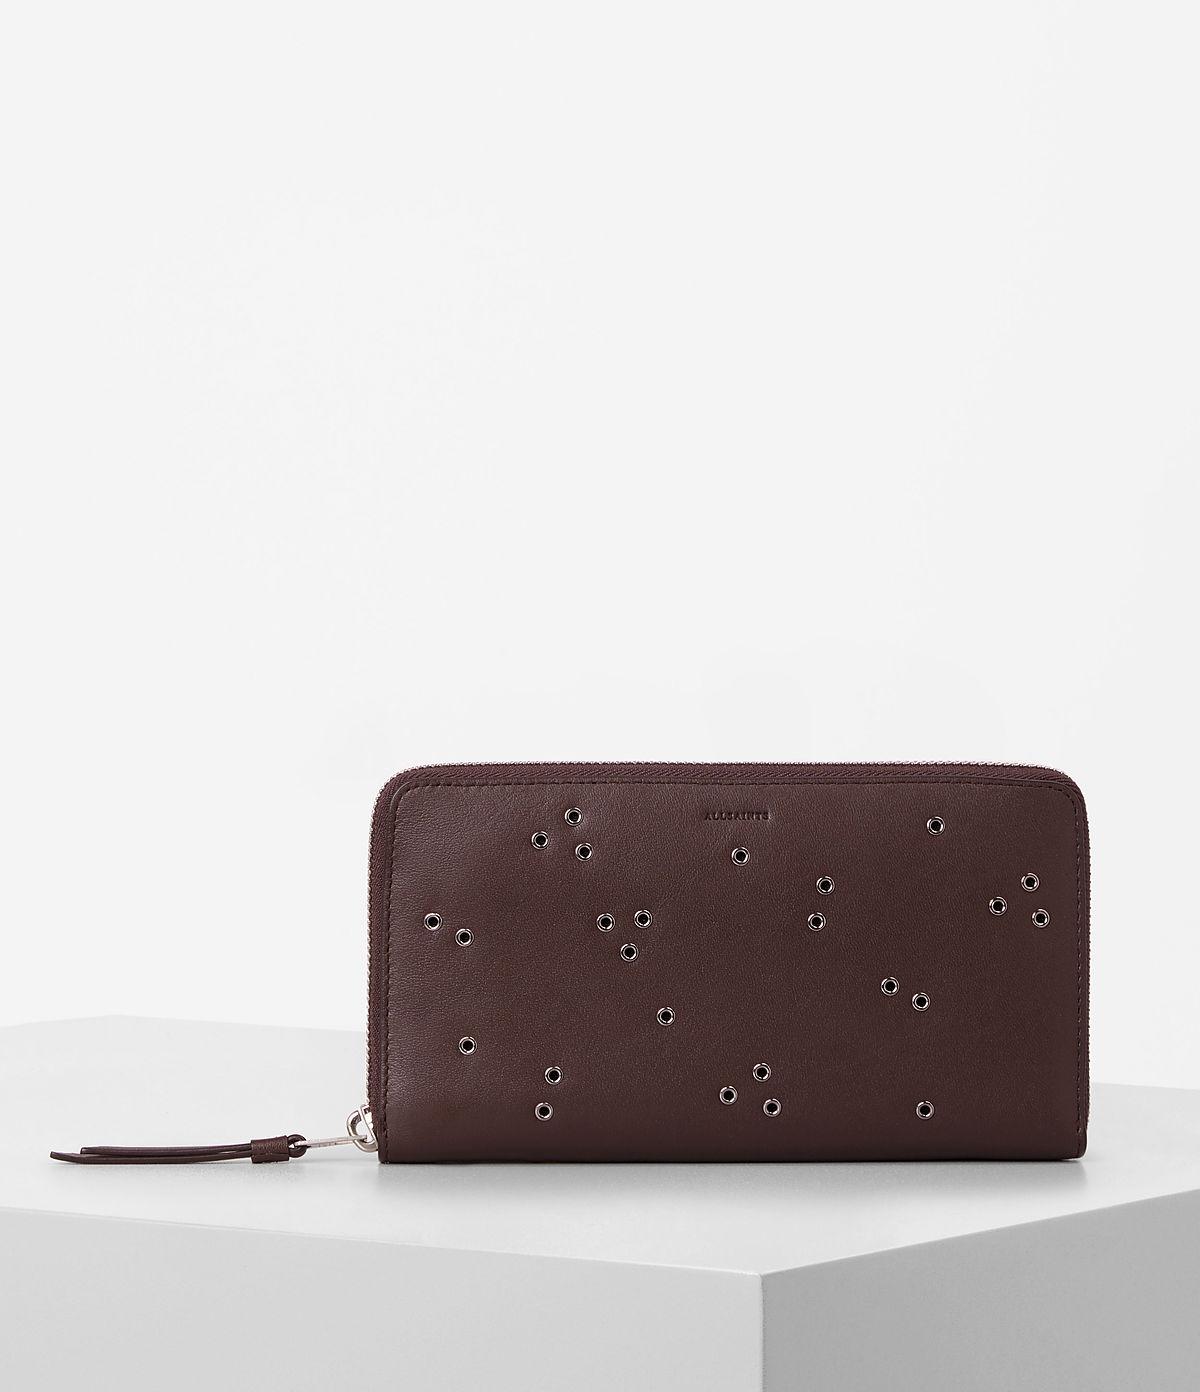 junai-leather-wallet